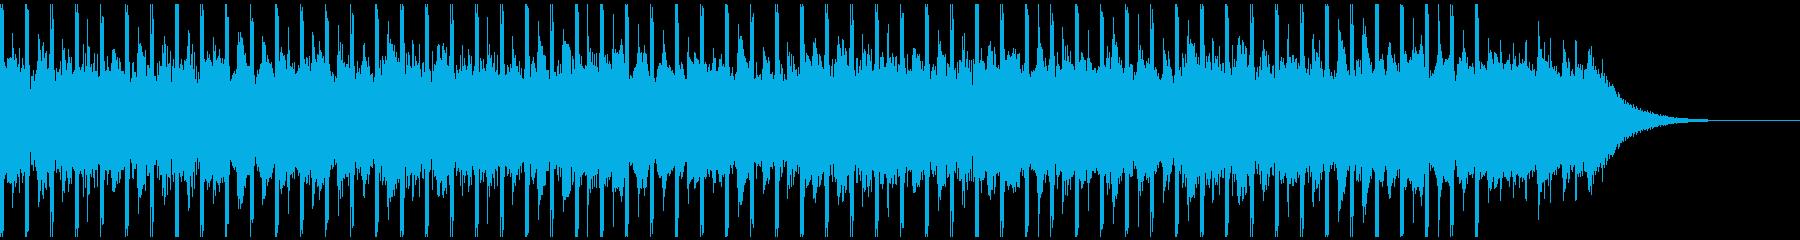 企業の動機付け(30秒)の再生済みの波形